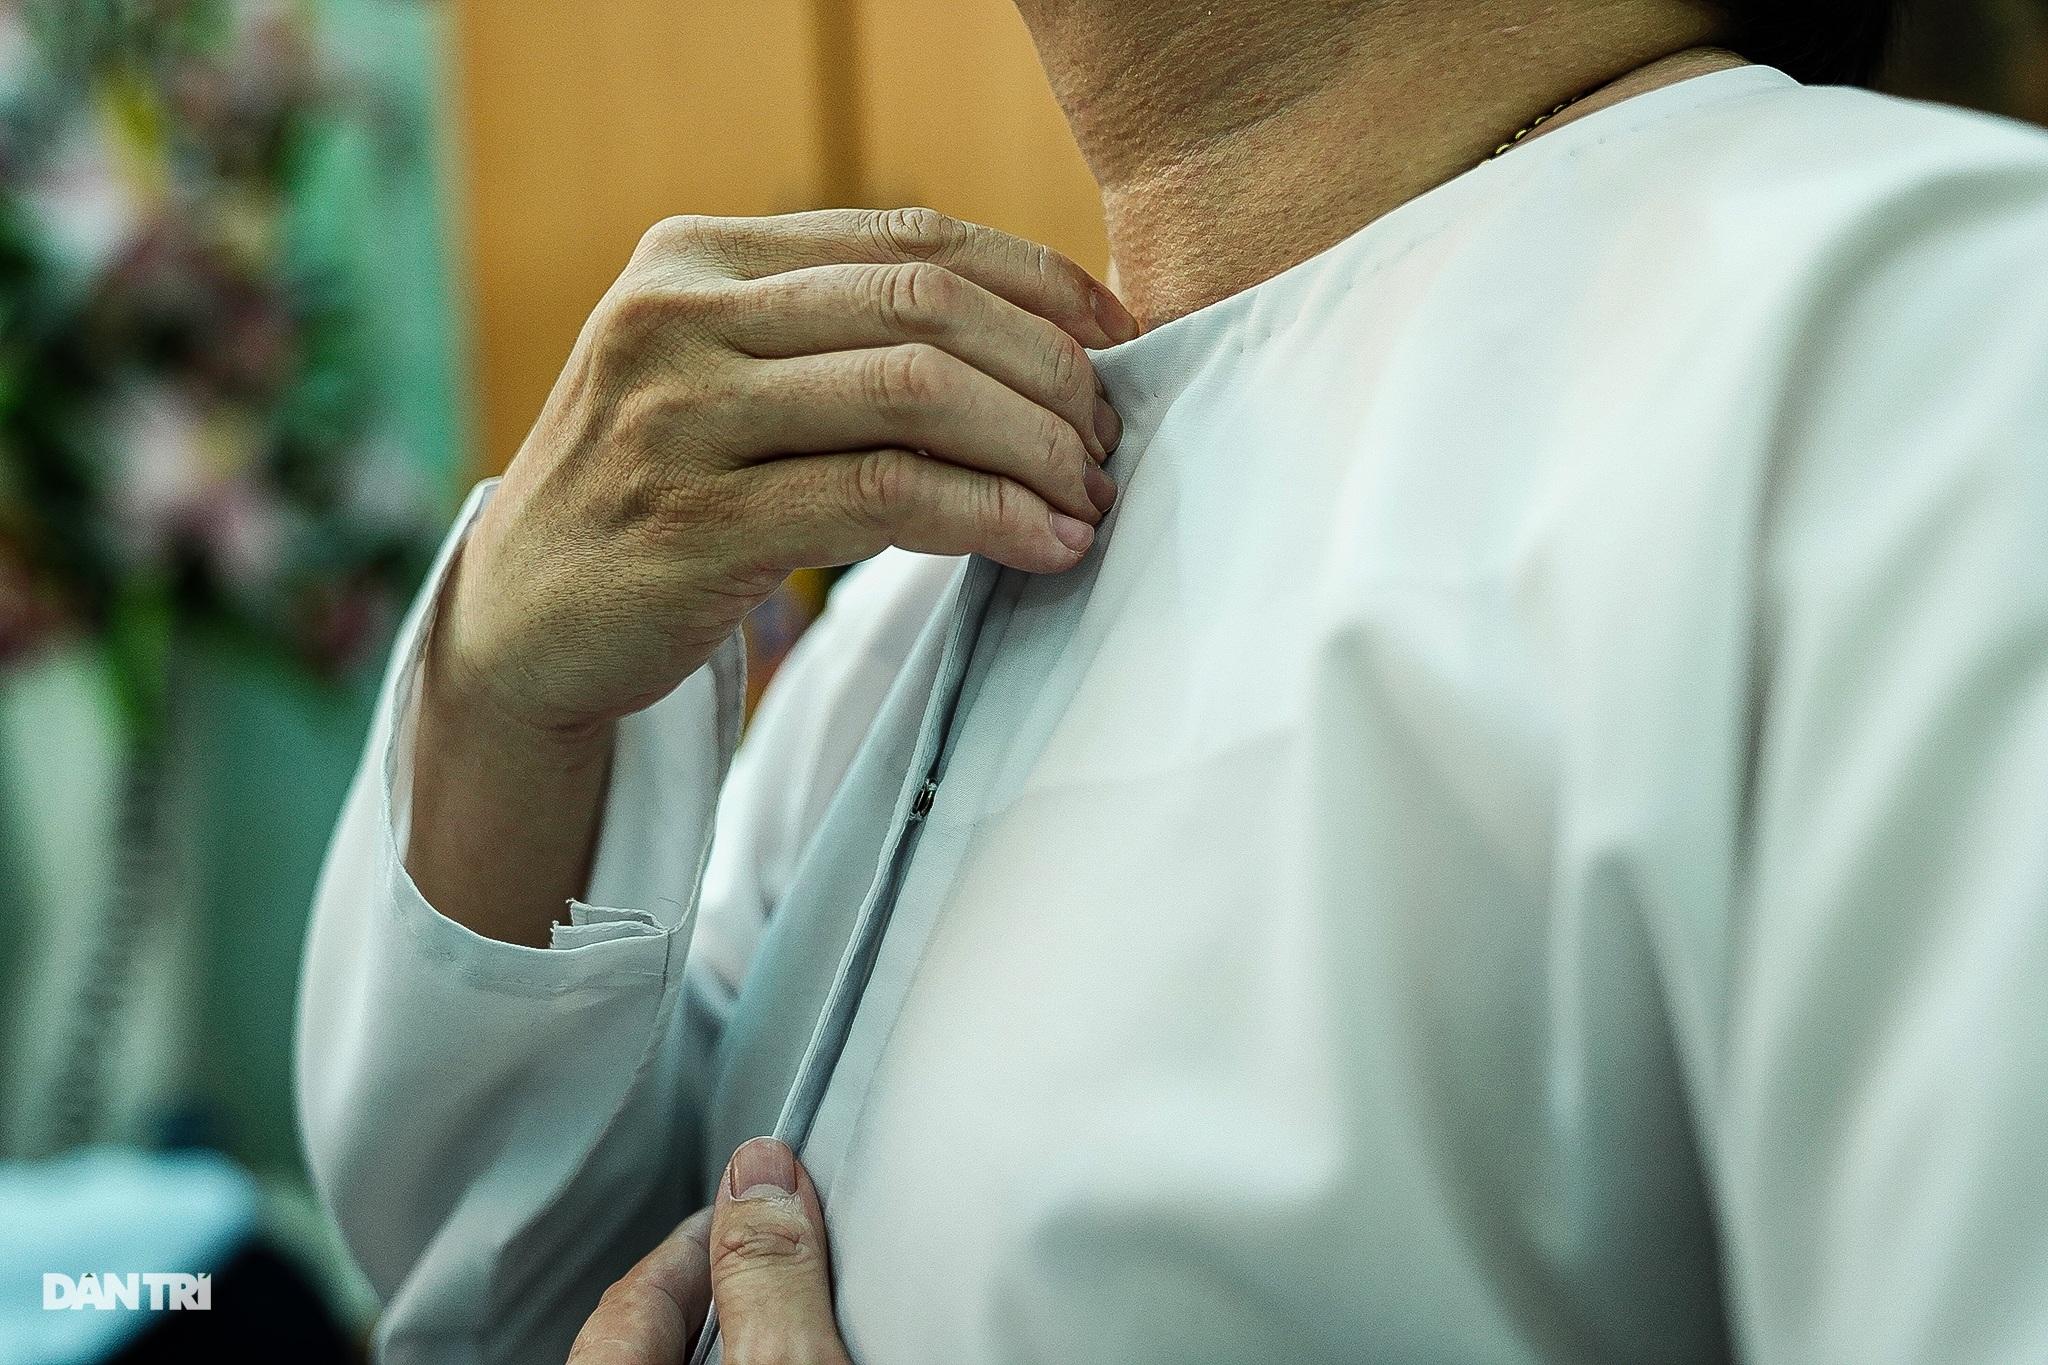 Thầy giáo gần 10 năm mặc áo dài, đi guốc mộc đến giảng đường - 3